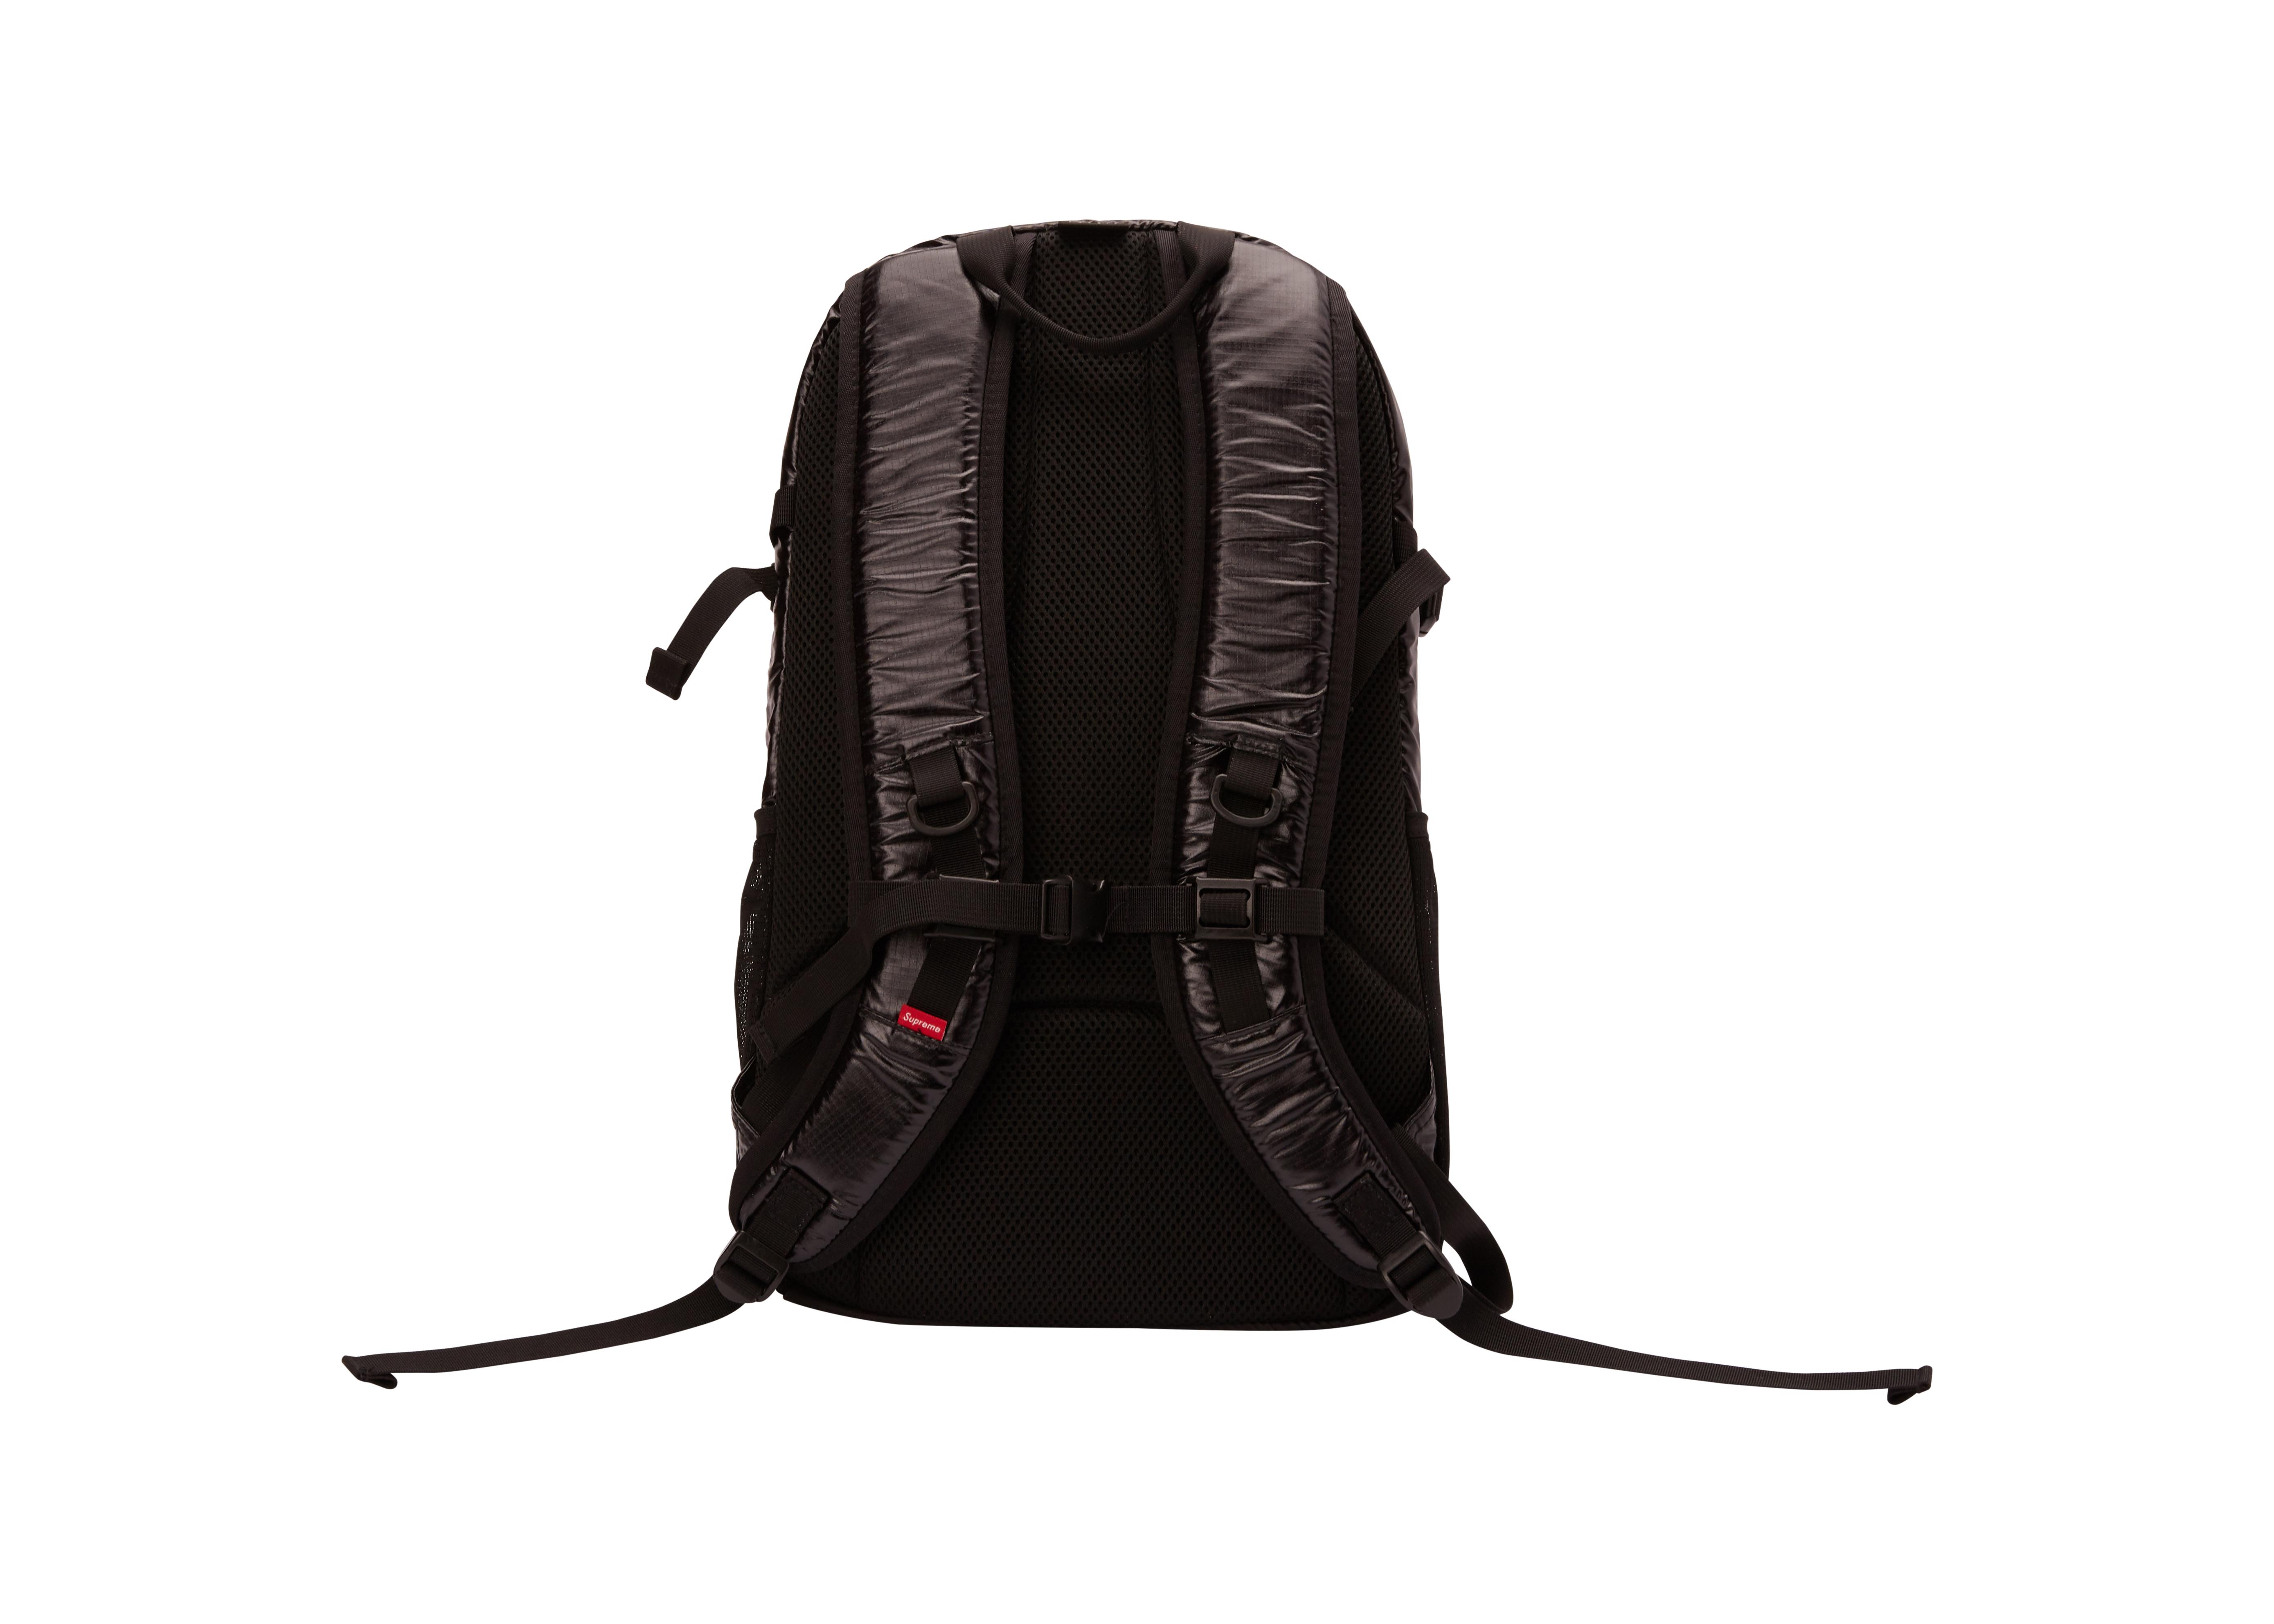 nike air max backpack white